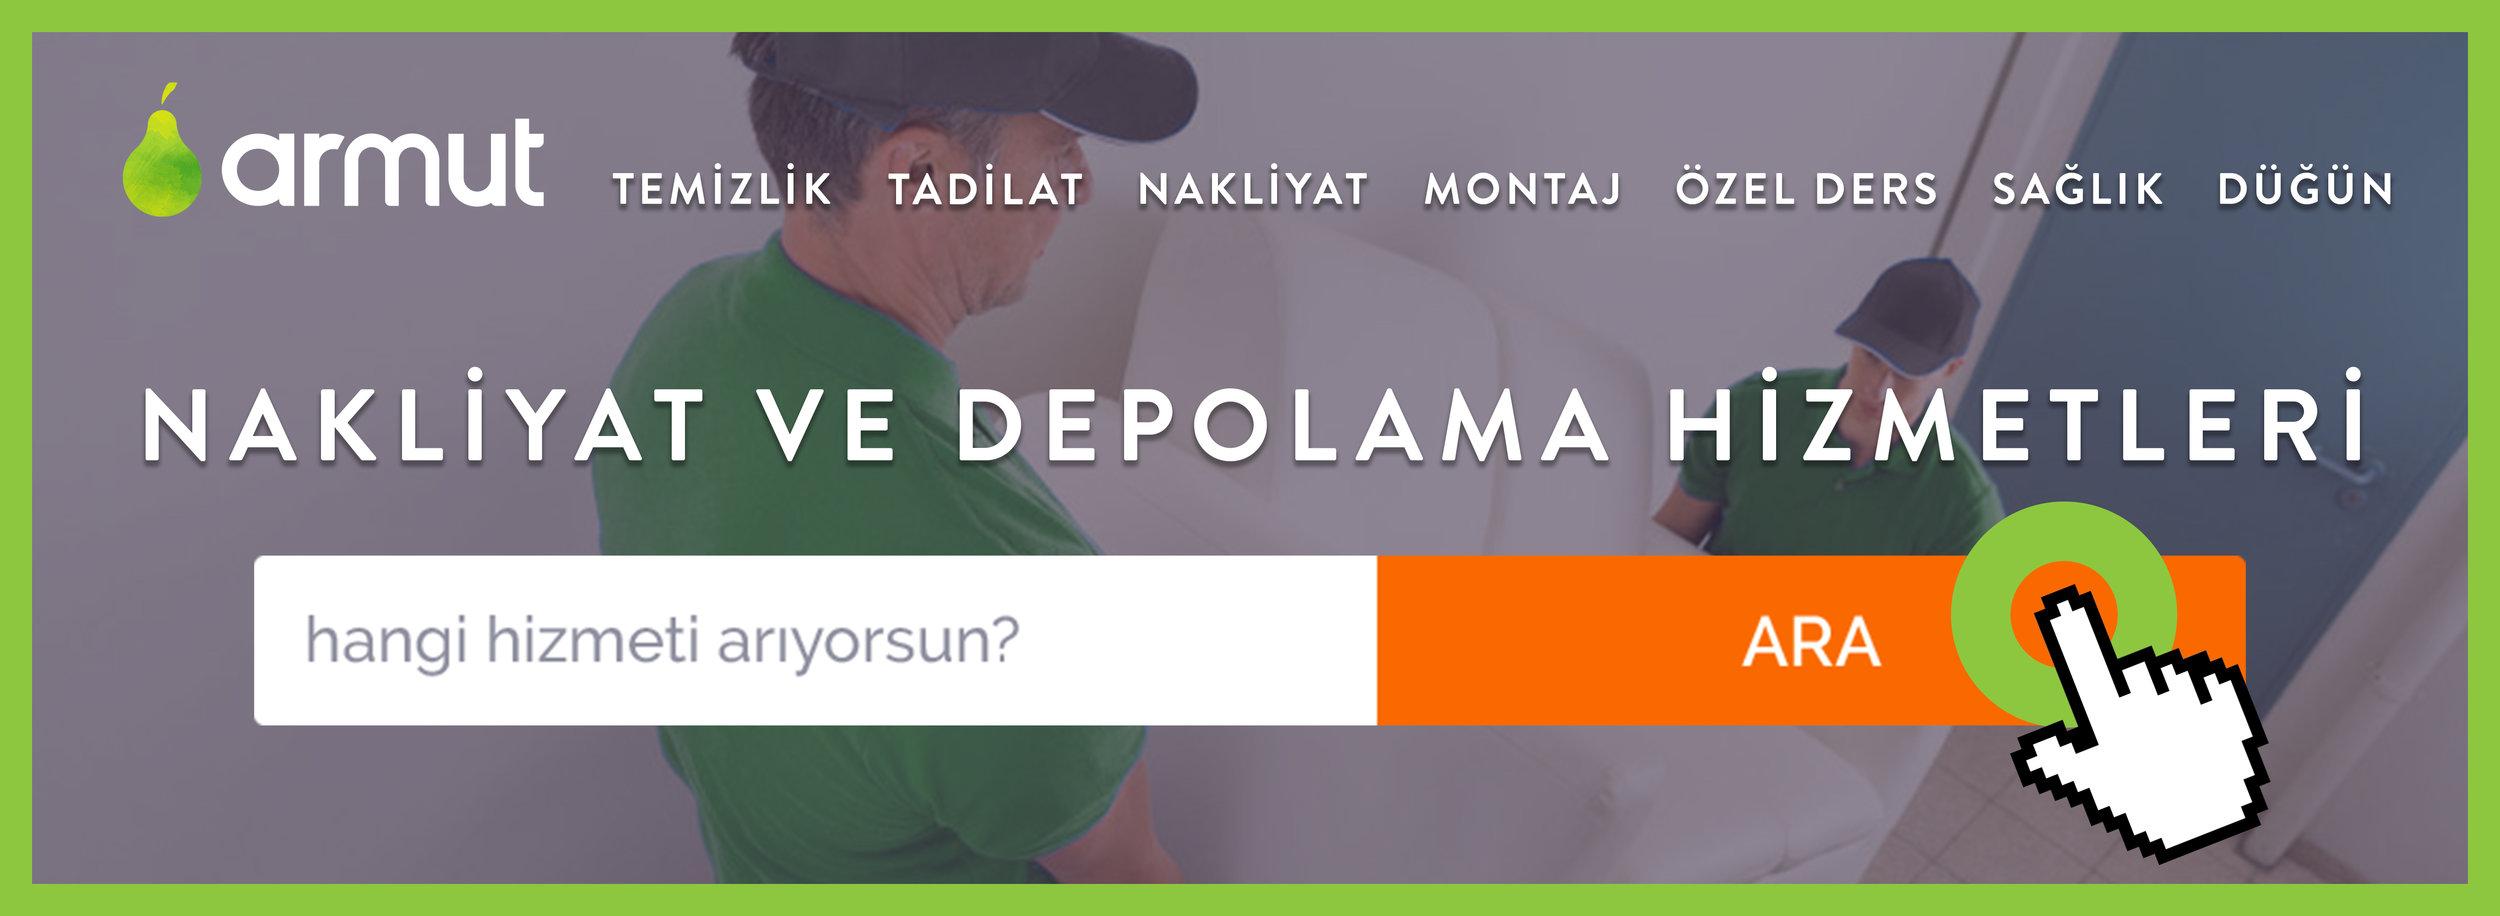 armut.com-nakliye